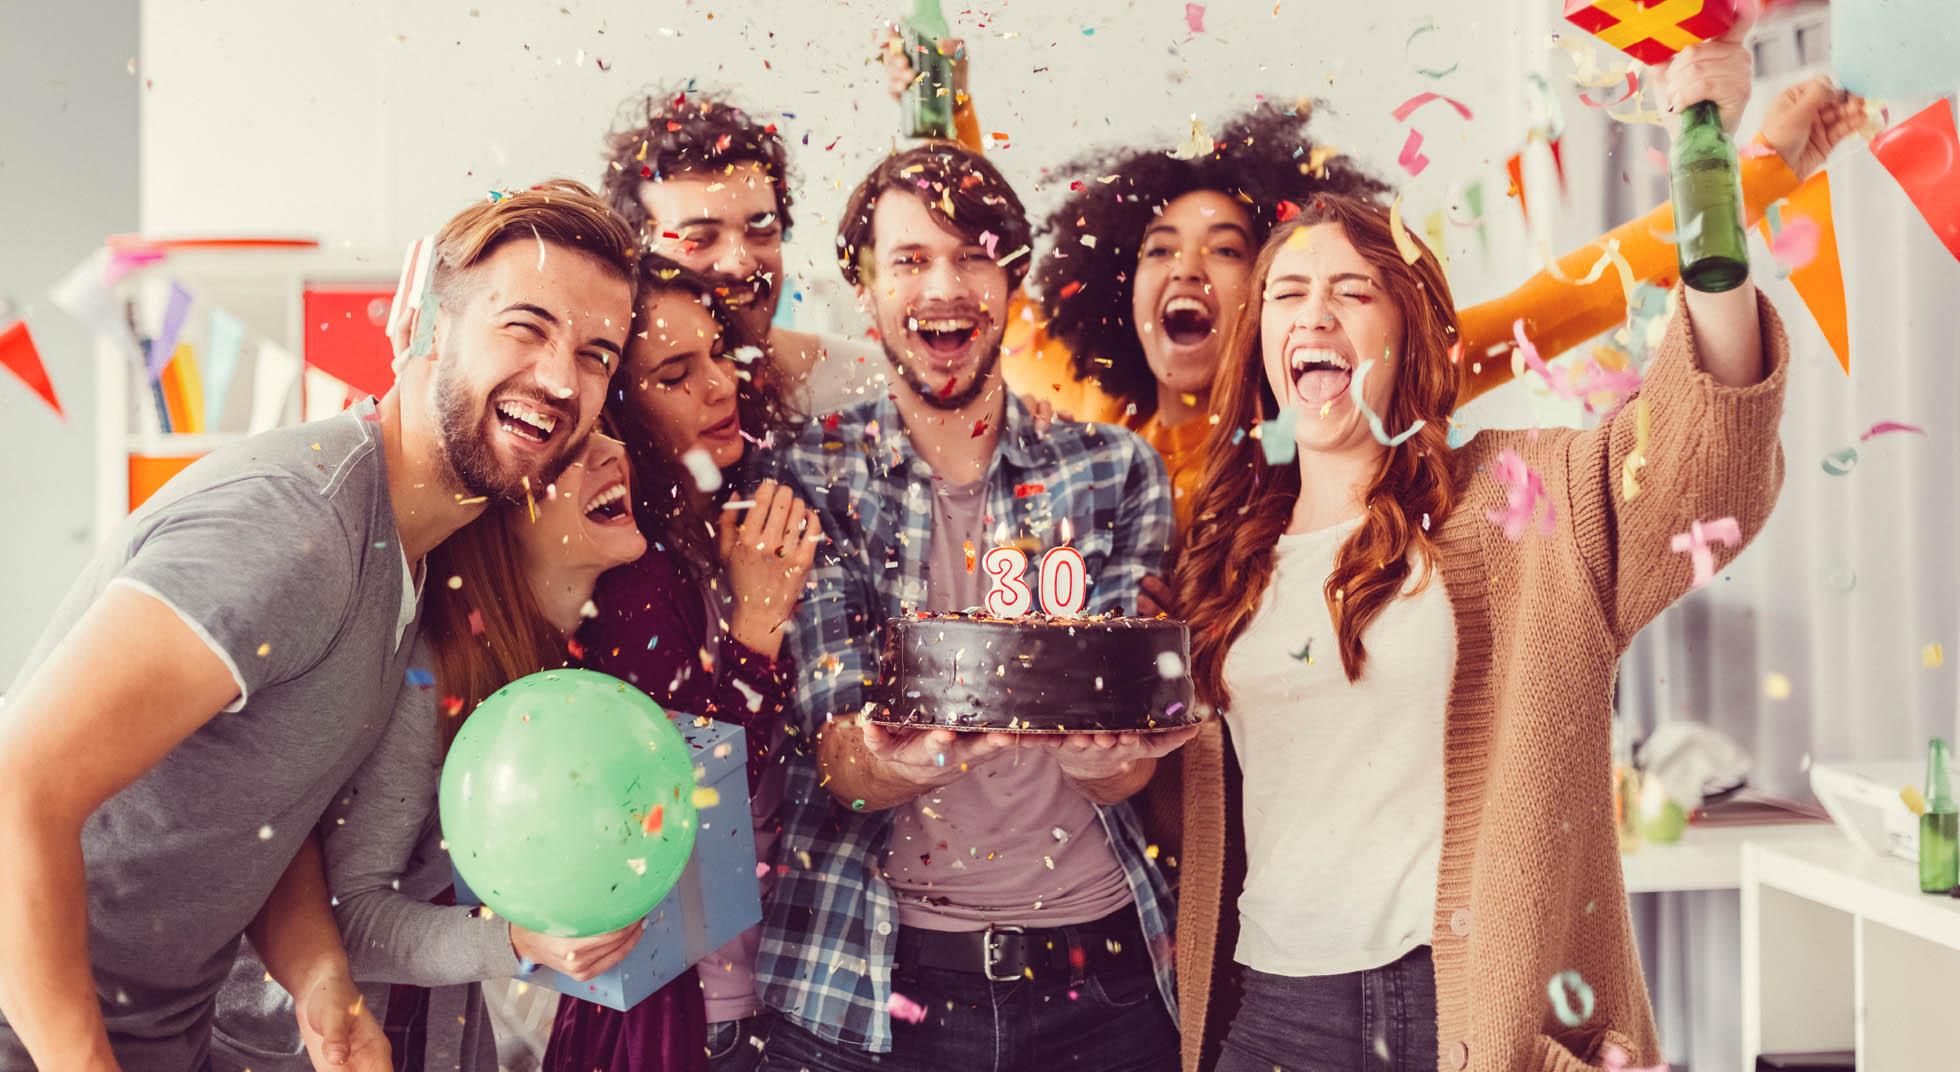 Приятные слова подруге: 10 идей для поздравления